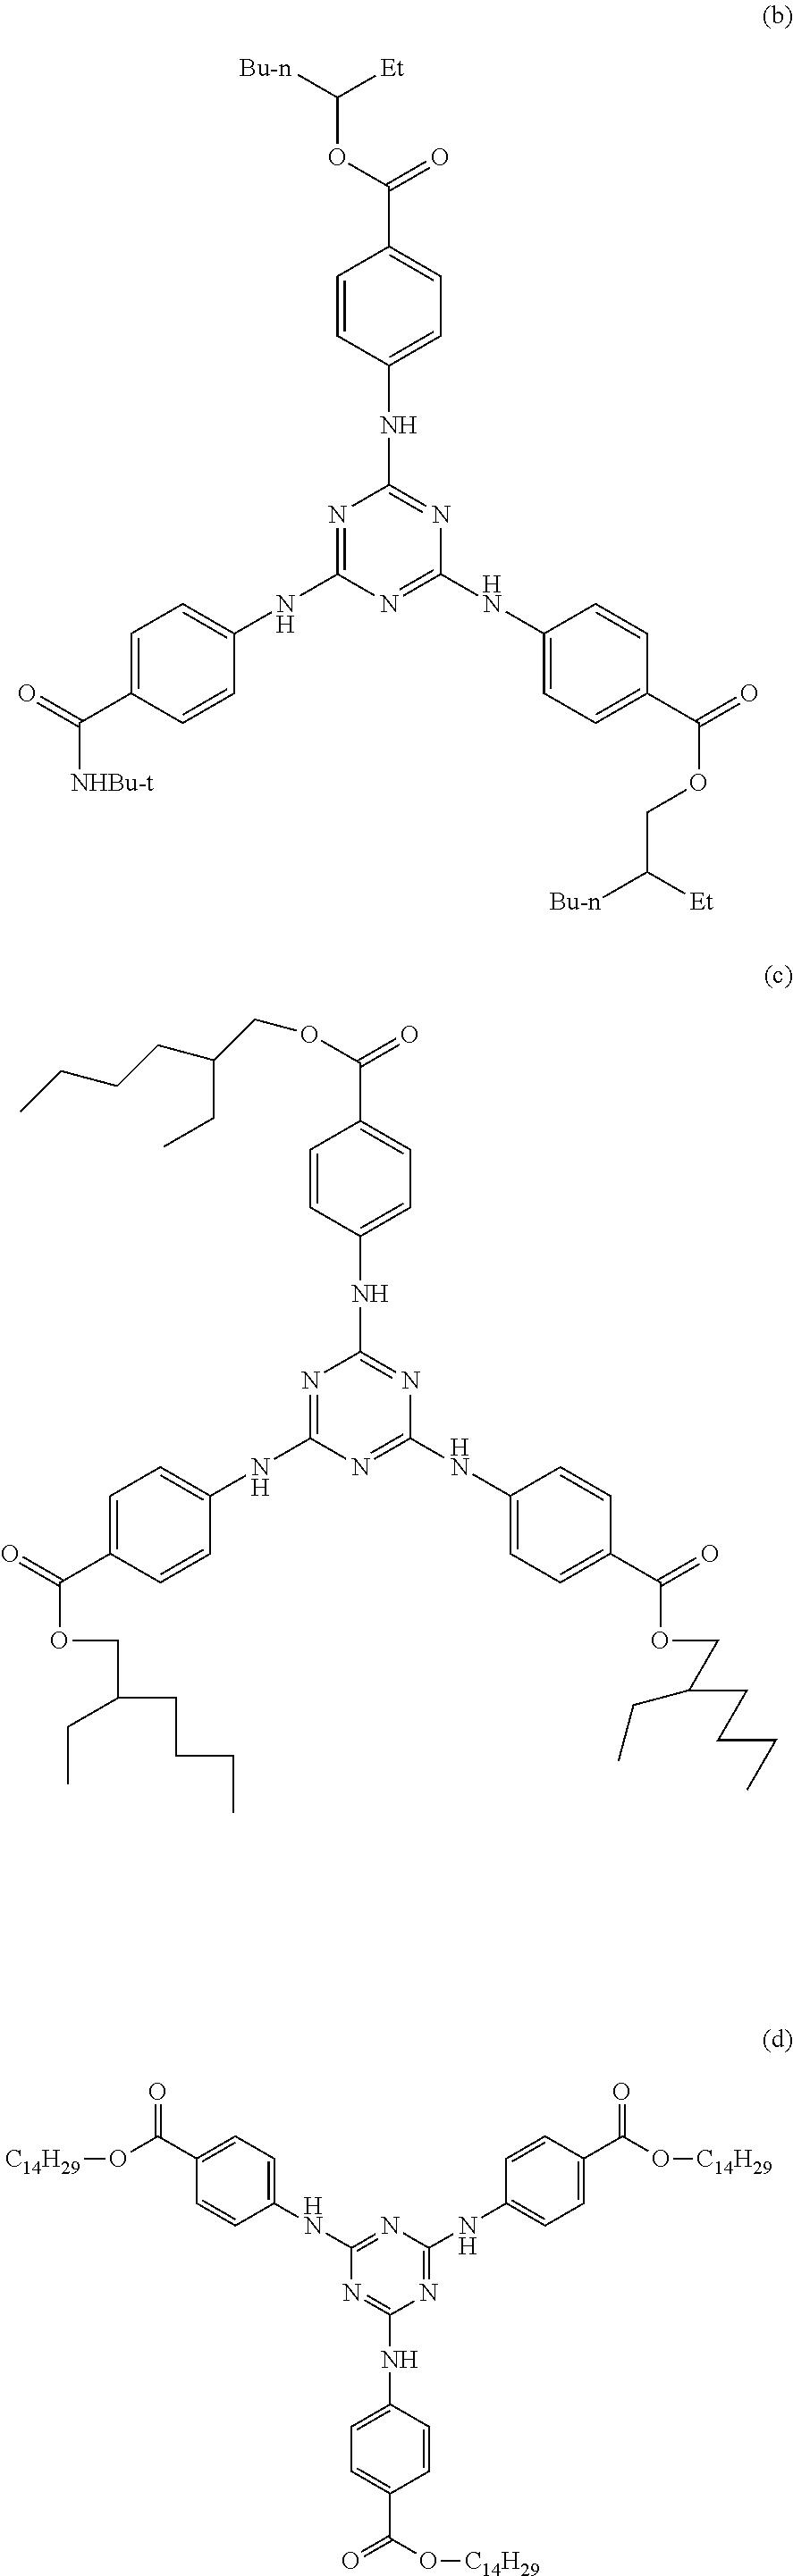 Figure US20110041471A1-20110224-C00011